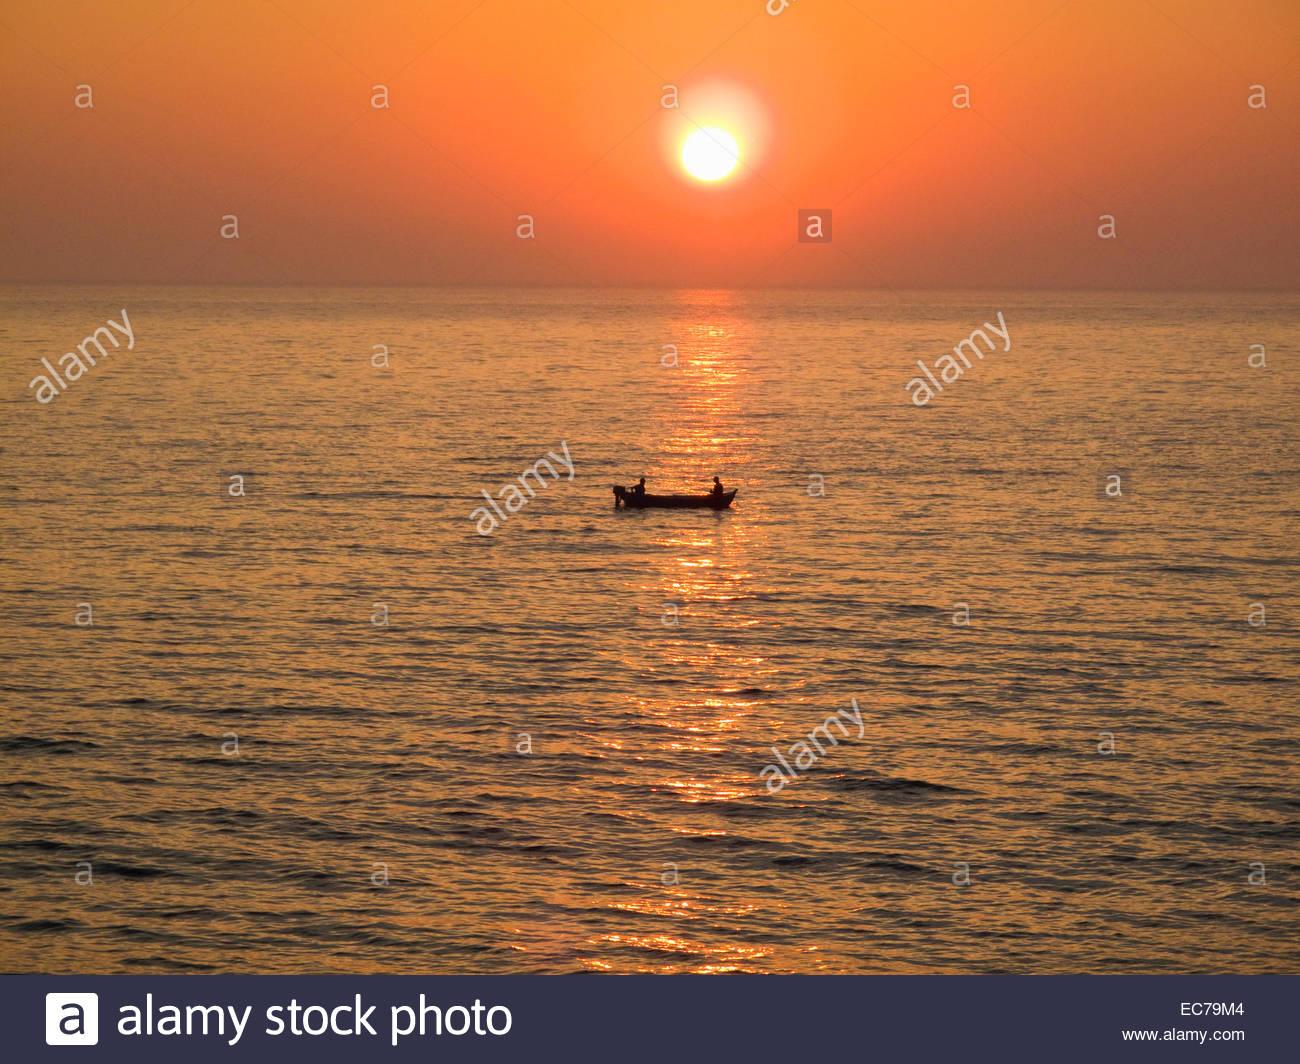 Los pescadores en barca en el mar con el telón de fondo del atardecer Imagen De Stock